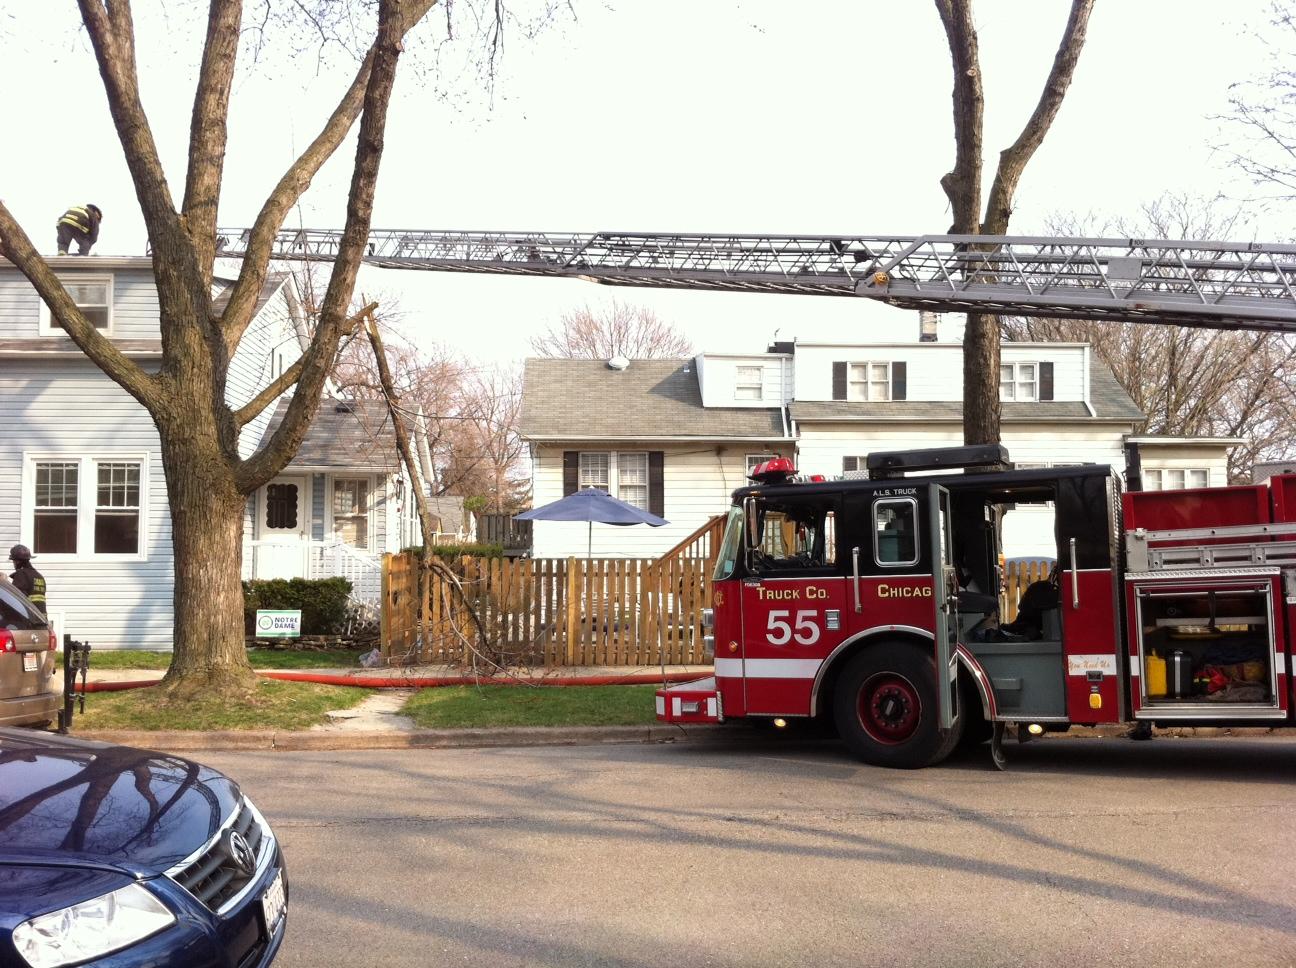 Chicago Fire Department Pierce Truck 55